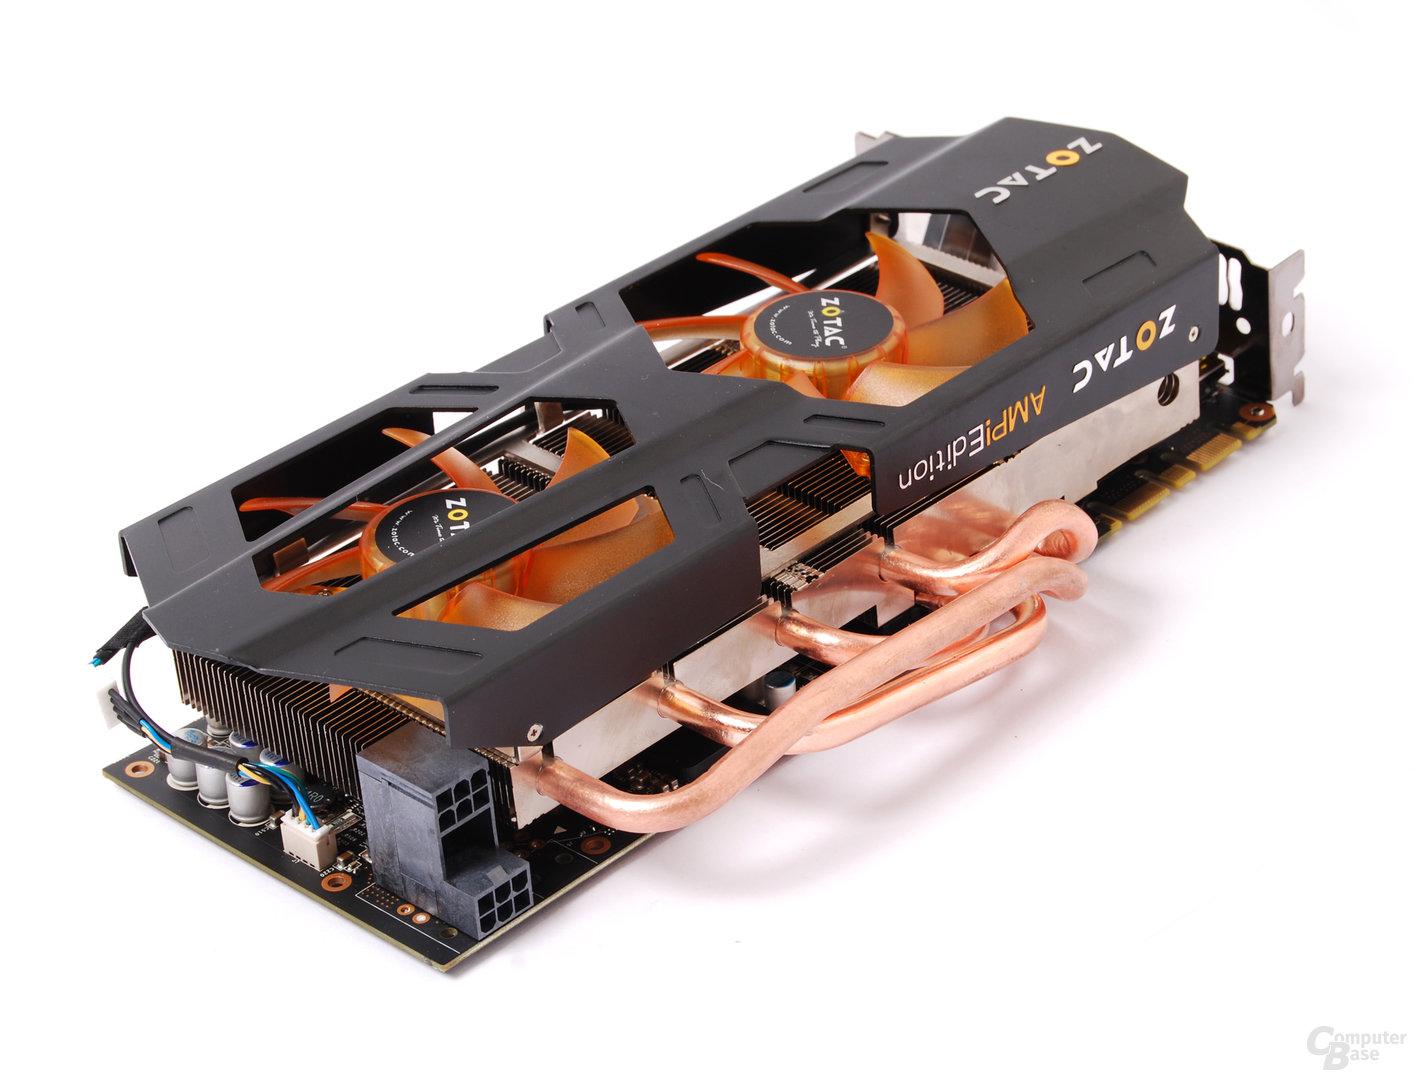 Zotac GeForce GTX 670 AMP!